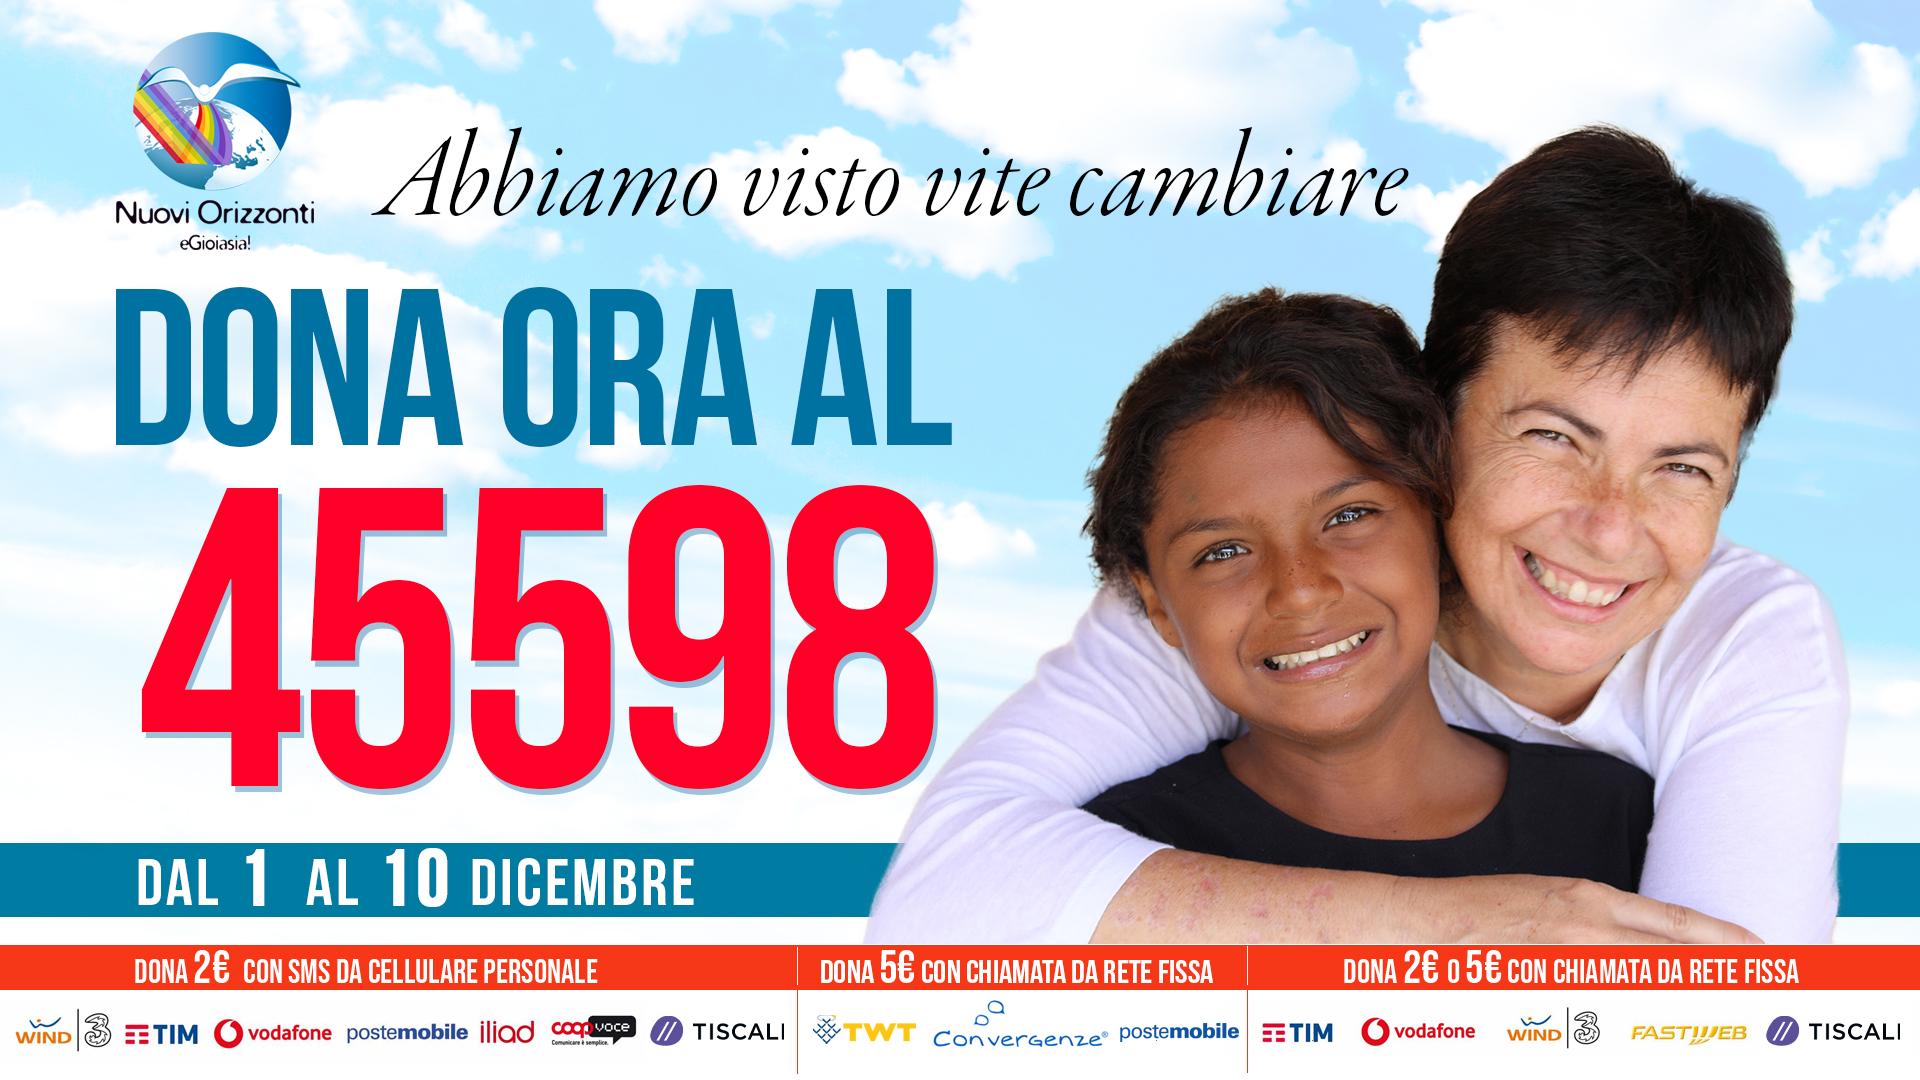 45598 SMS solidale - Nuovi Orizzonti